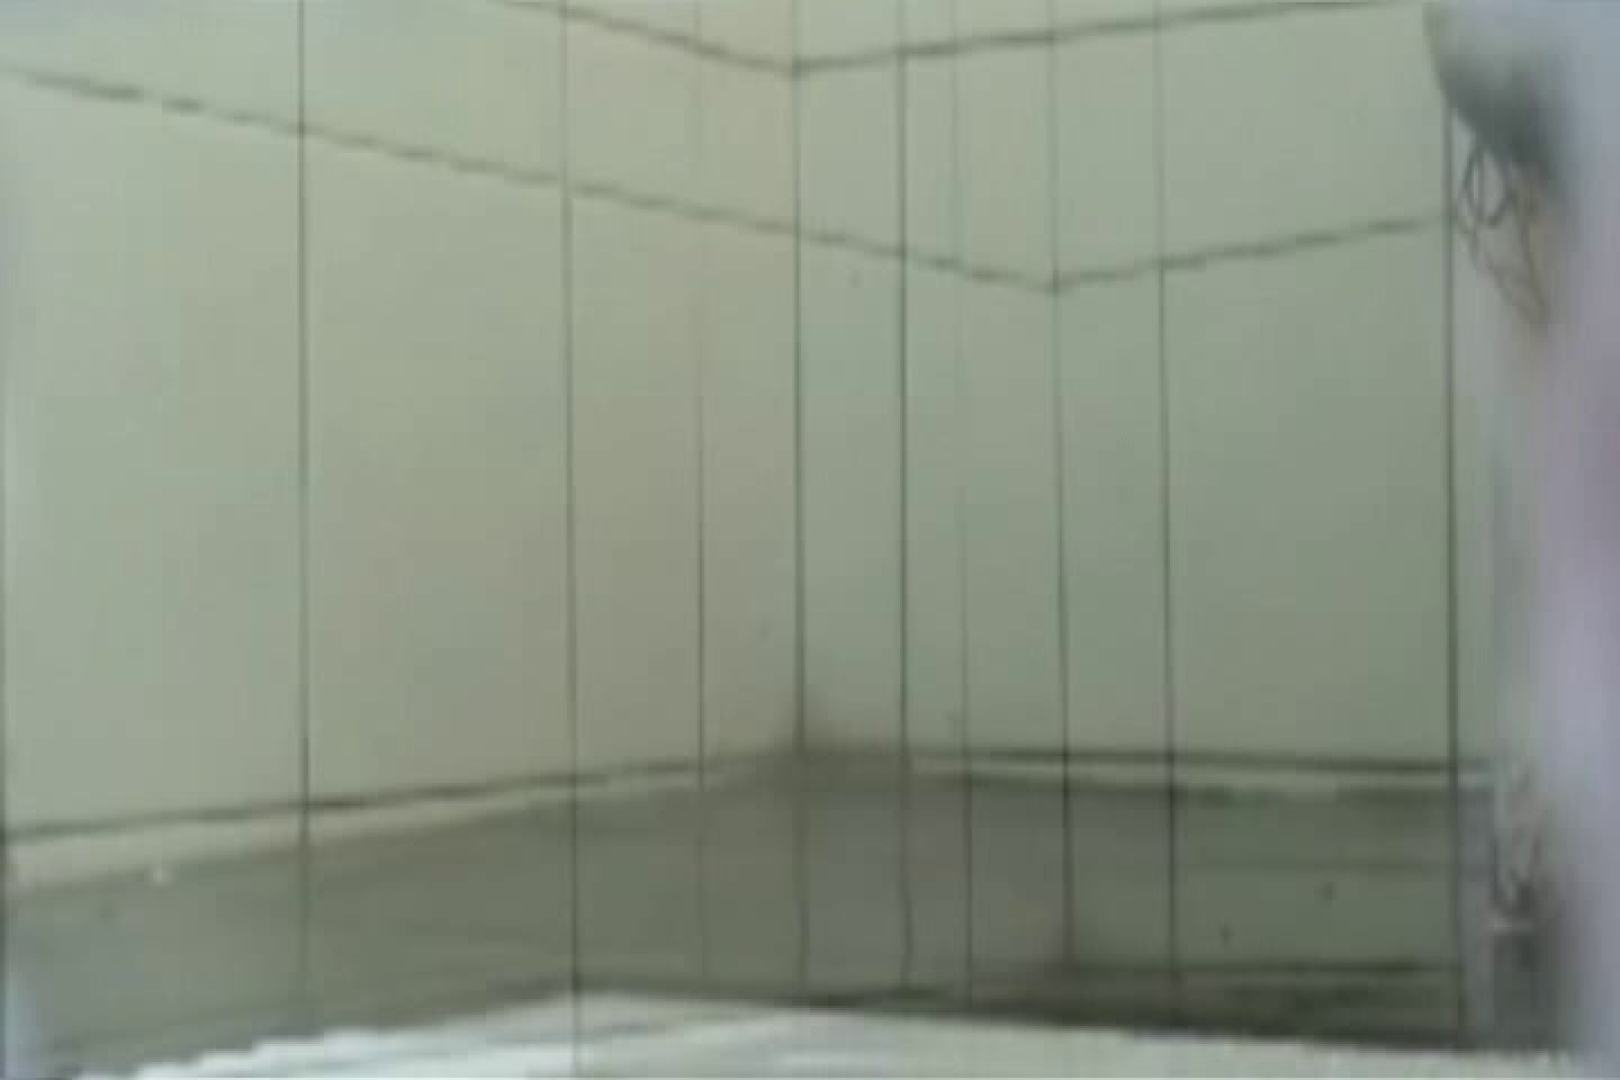 ぼっとん洗面所スペシャルVol.13 おまんこ オマンコ無修正動画無料 83pic 74